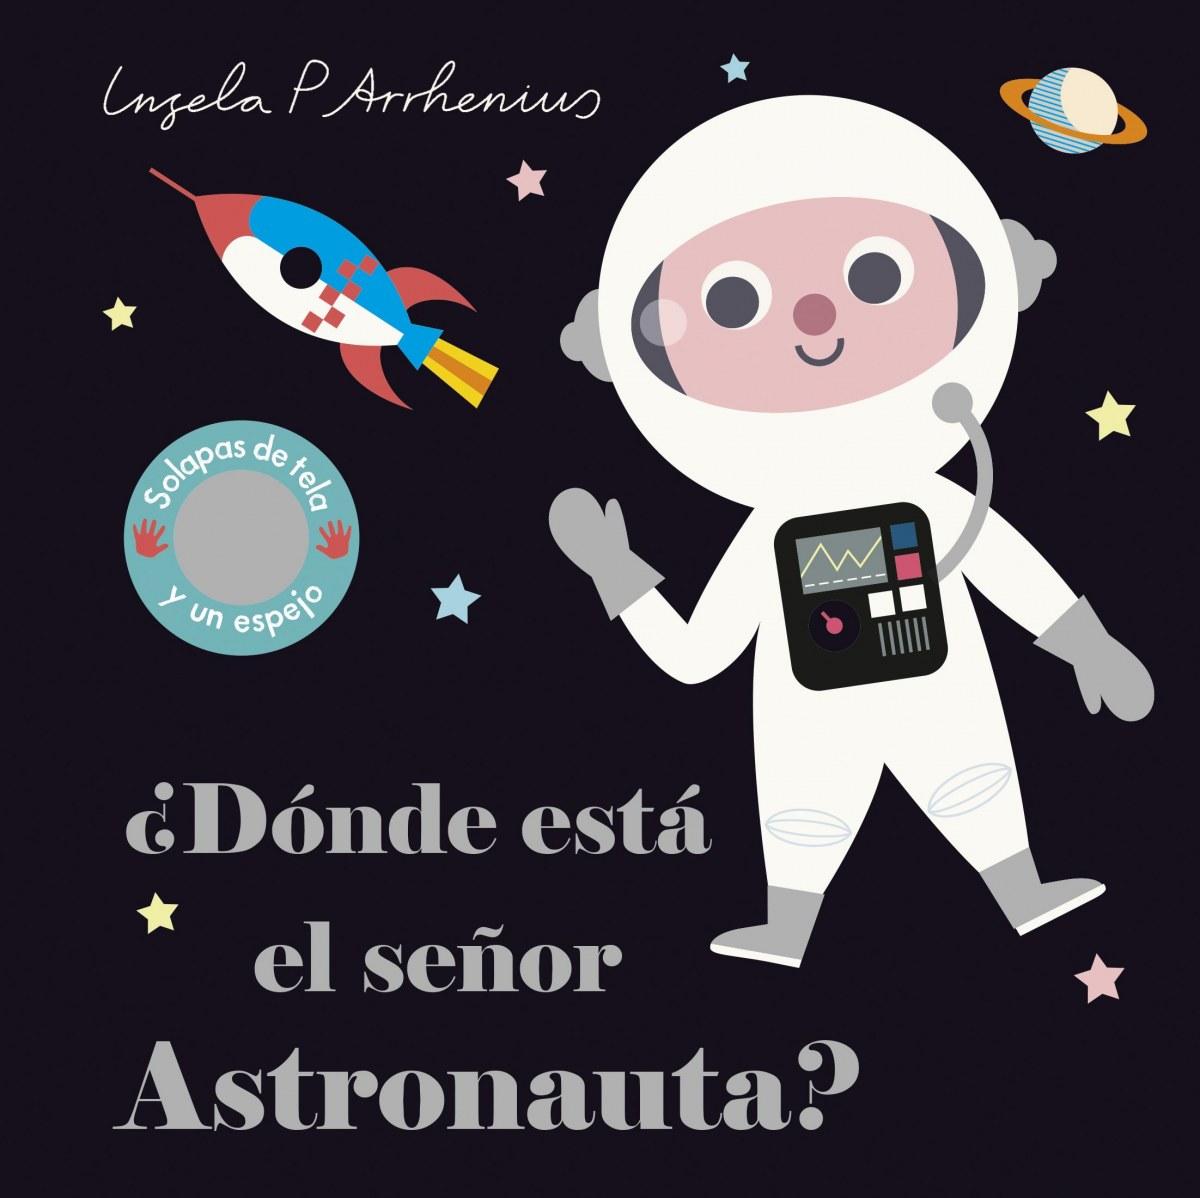 ¿Dónde está el señor Astronauta